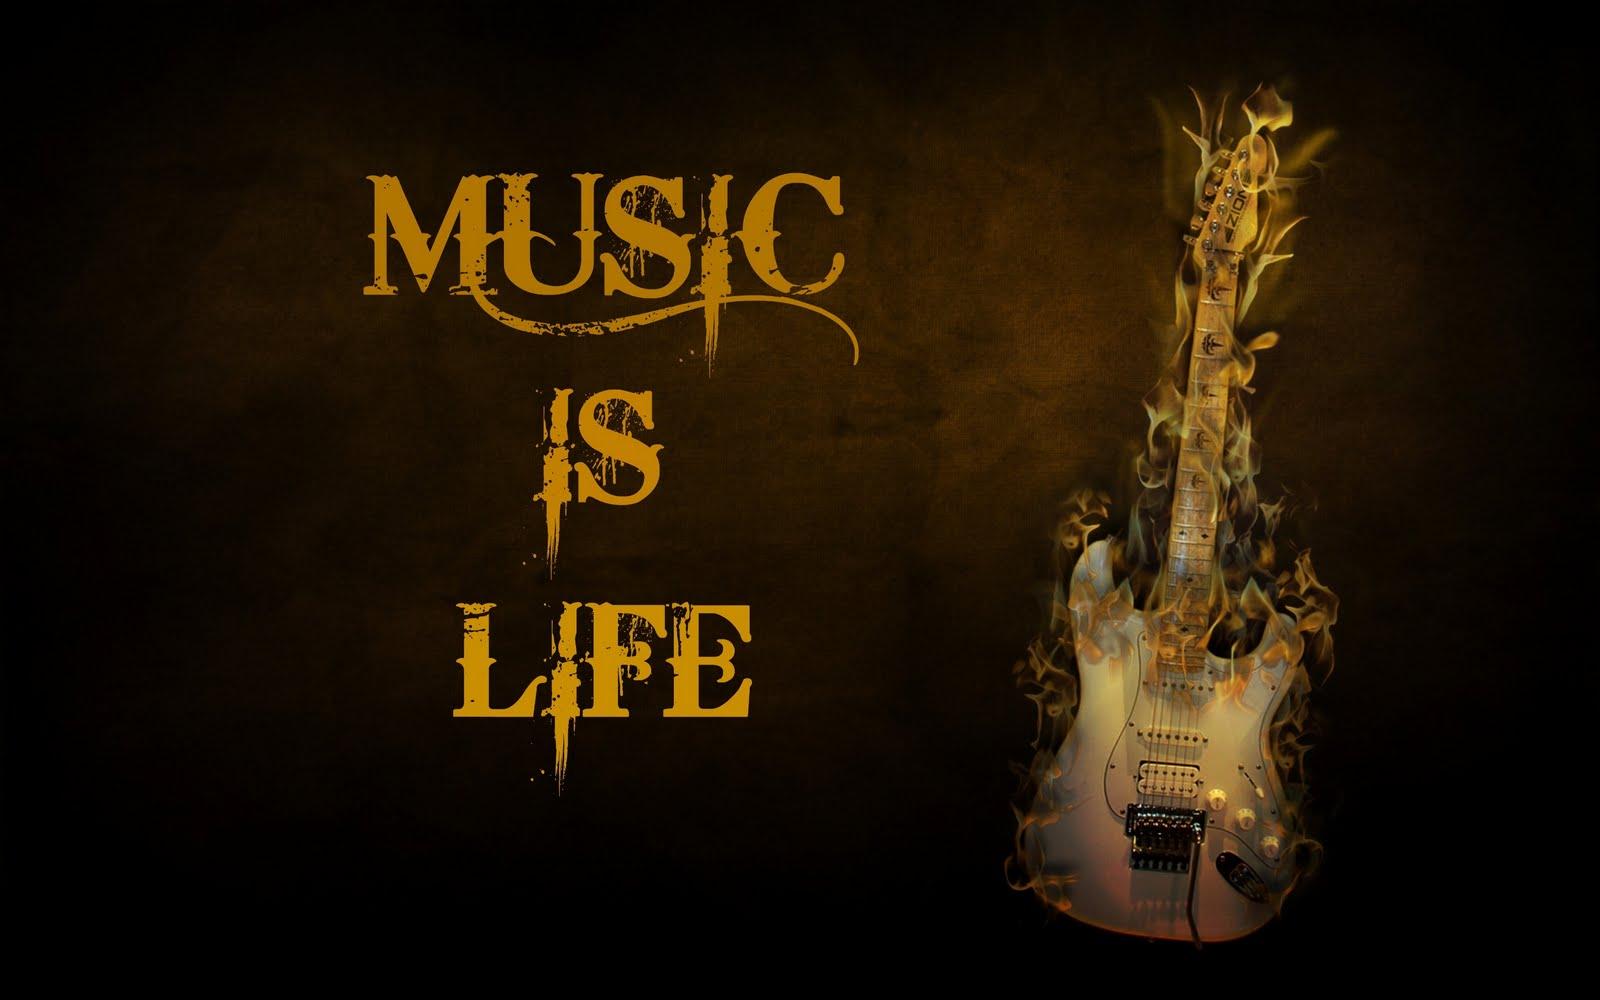 http://2.bp.blogspot.com/_ONw1d944uQc/TTqBCRF8vMI/AAAAAAAAAAw/EZfuHH8auas/s1600/Flaming-Guitar-Wallpaper-music-17264134-1680-1050.jpg